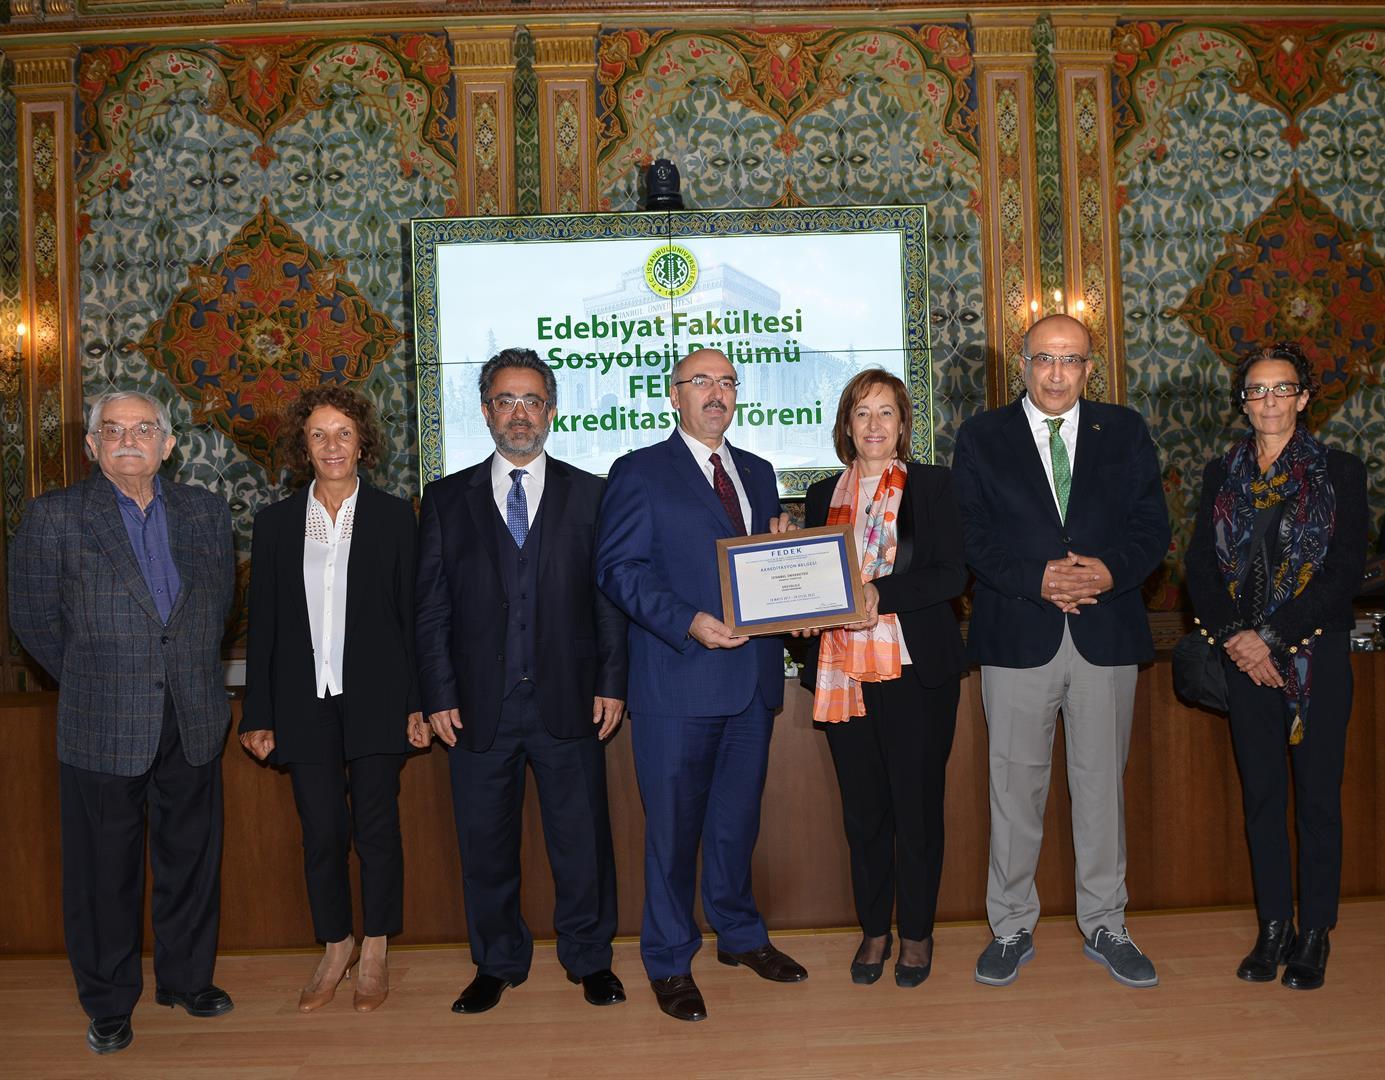 İÜ-Edebiyat-Fakültesi-Sosyoloji-Bölümü-FEDEK-Akreditasyon-Töreni-Gerçekleştirildi